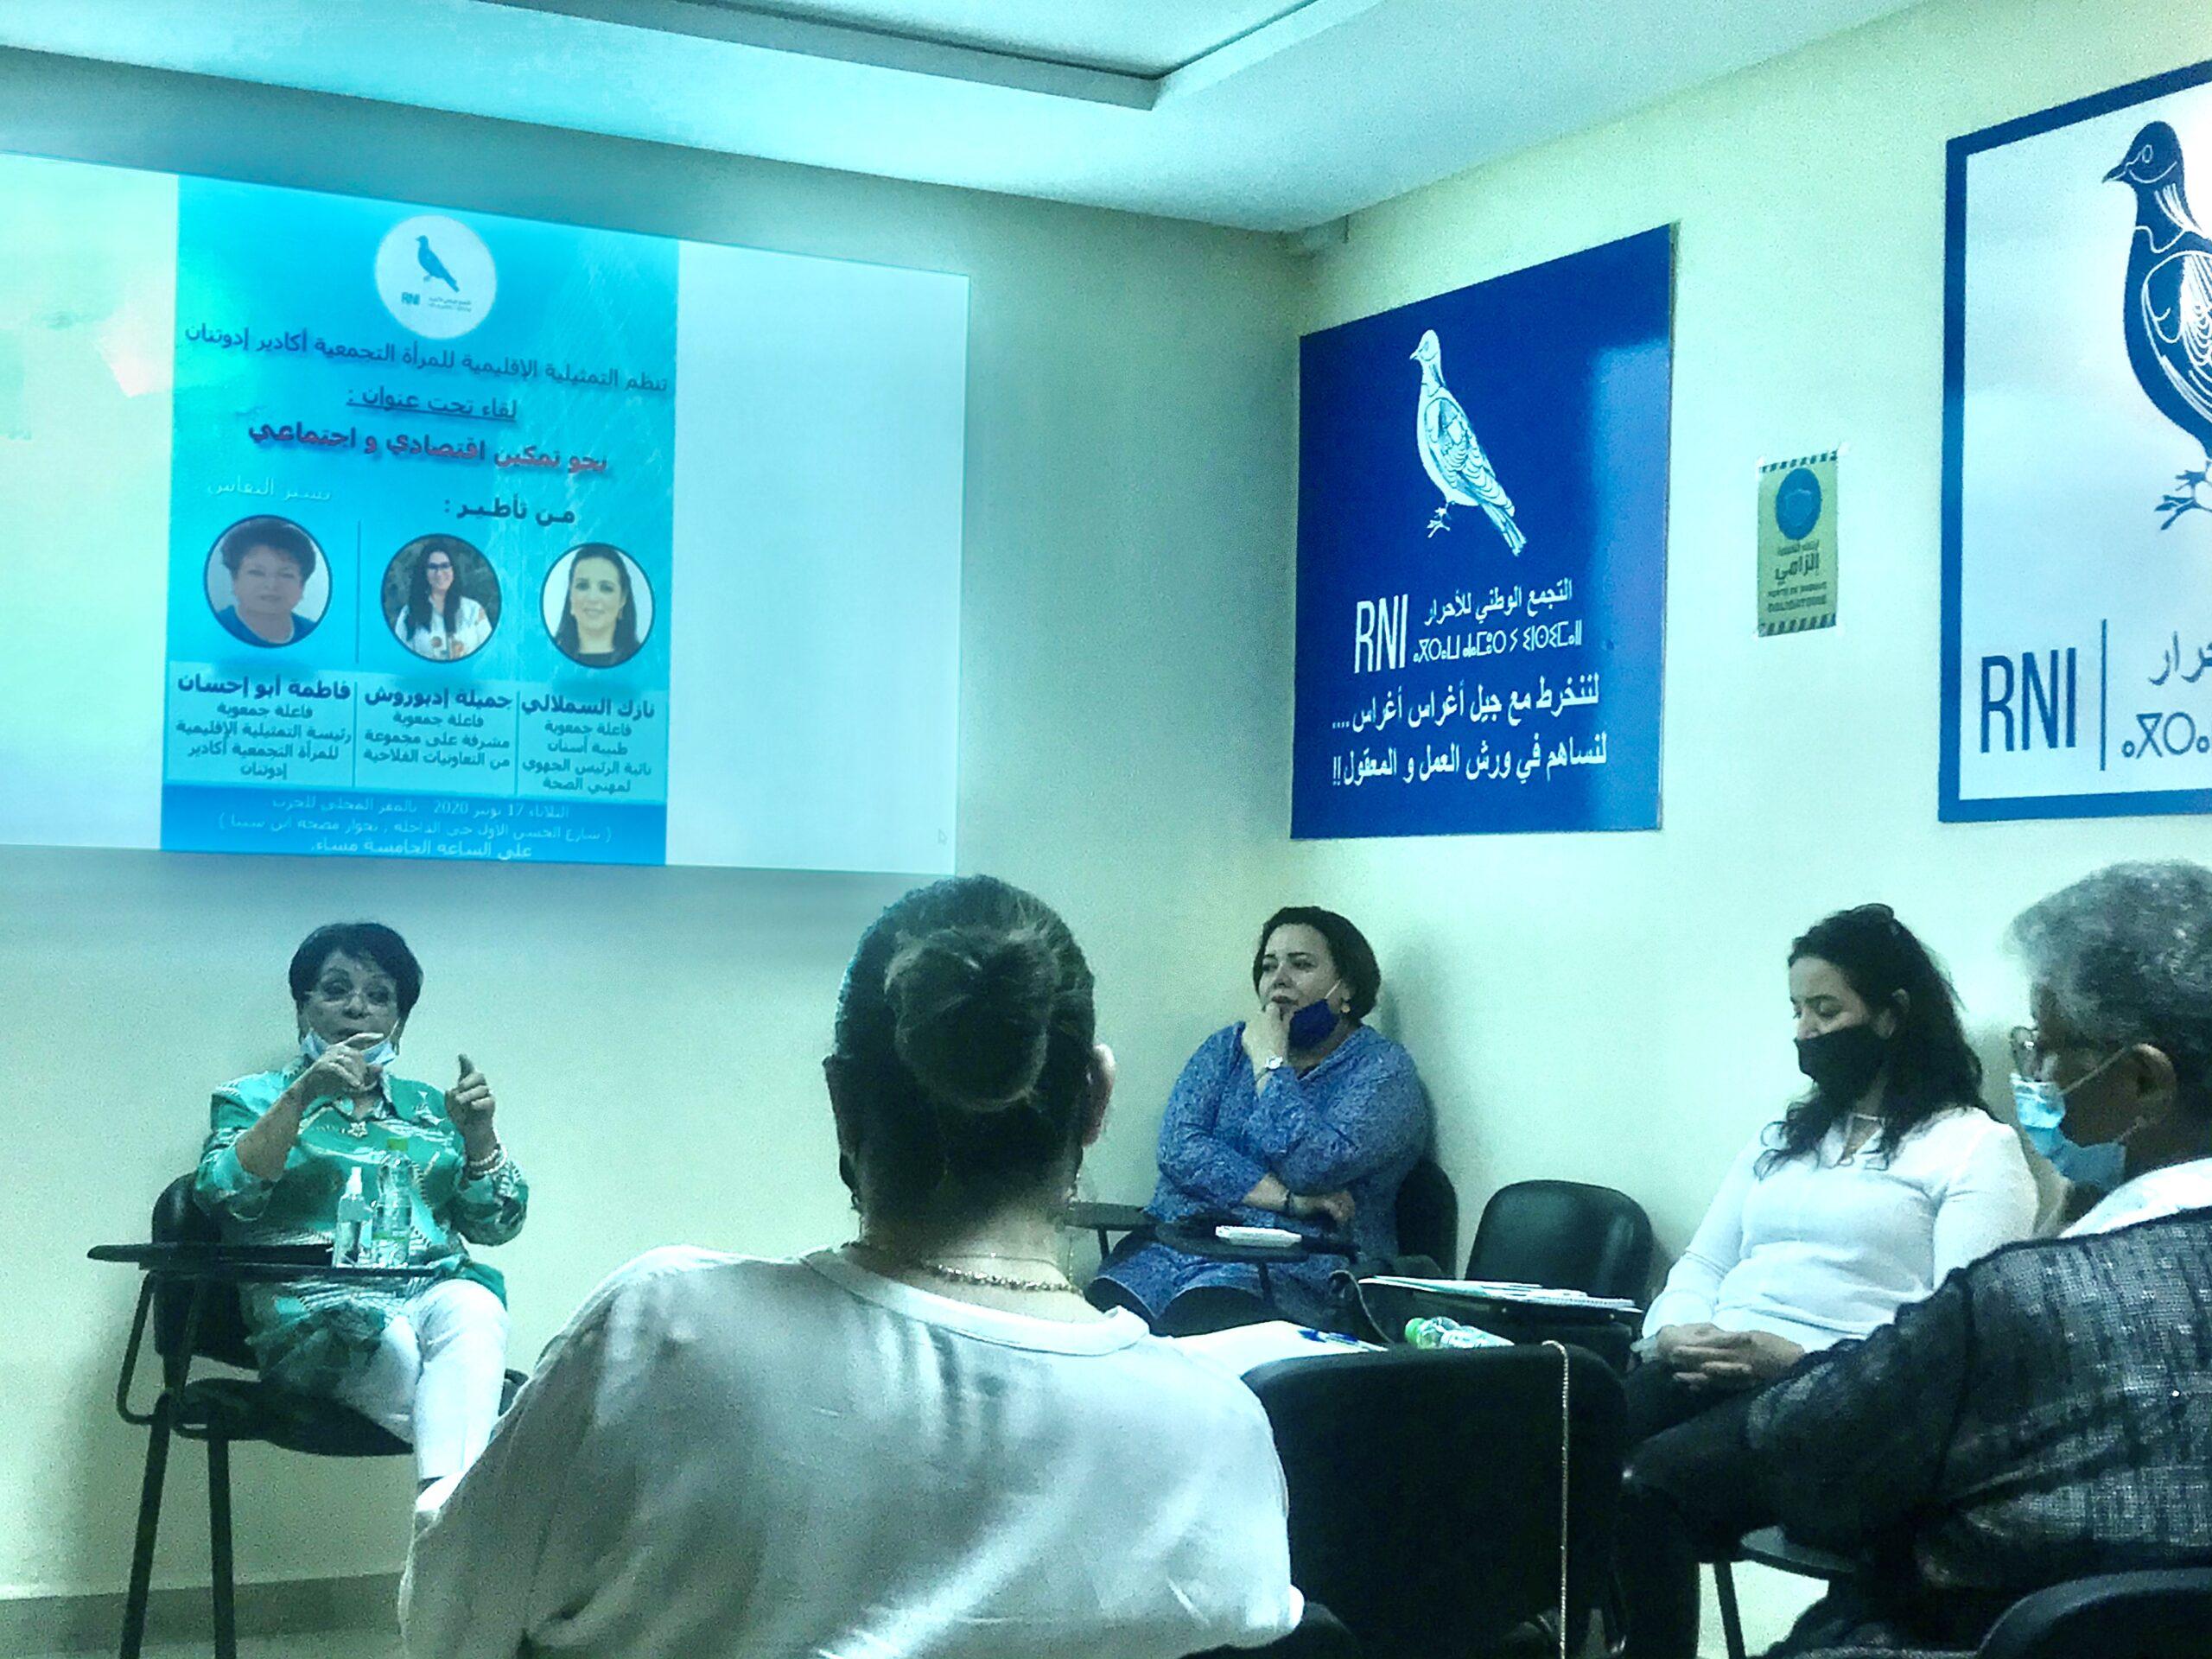 صورة تجمعيات أكادير يترافعن من أجل التمكين الإقتصادي والاجتماعي للمرأة